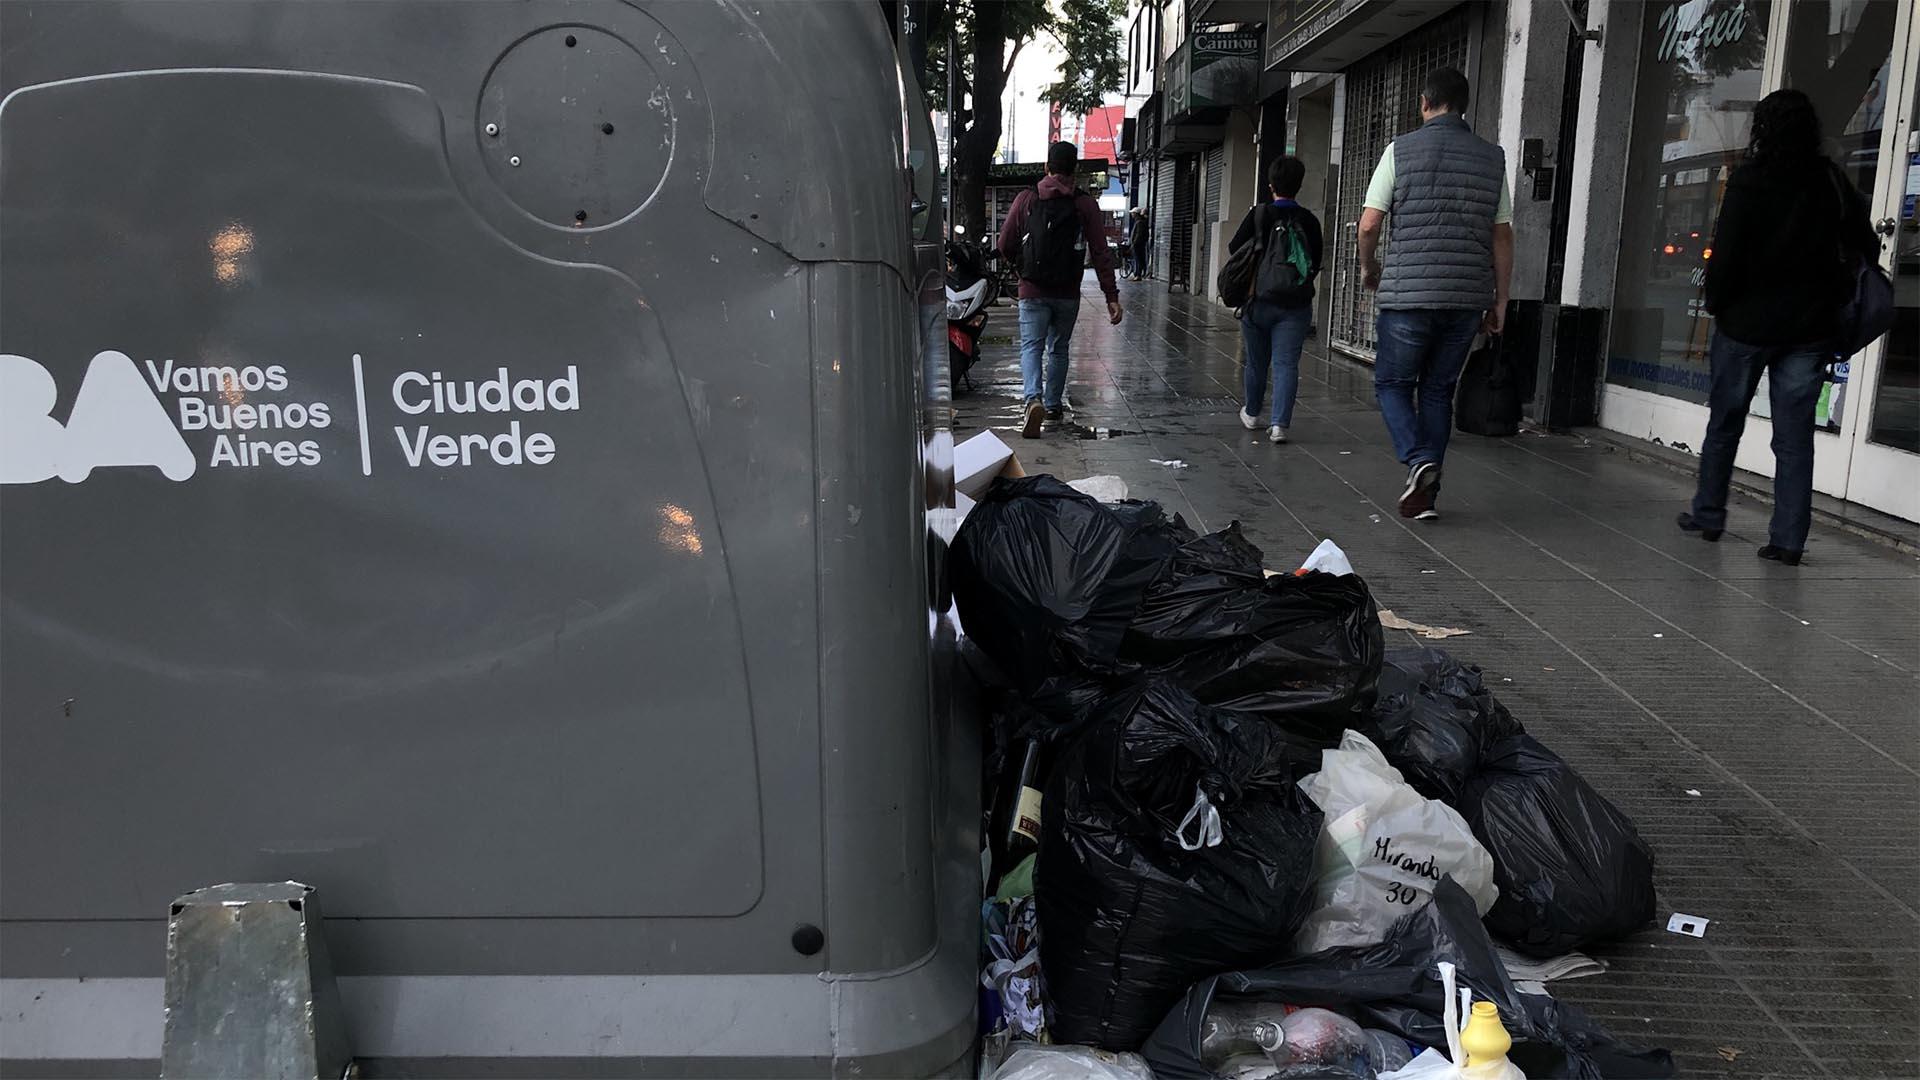 Bolsas de basura desparramadas en el barrio de Belgrano, en la calle Nuñez al 2800, entre las avenidas Cabildo y Congreso.